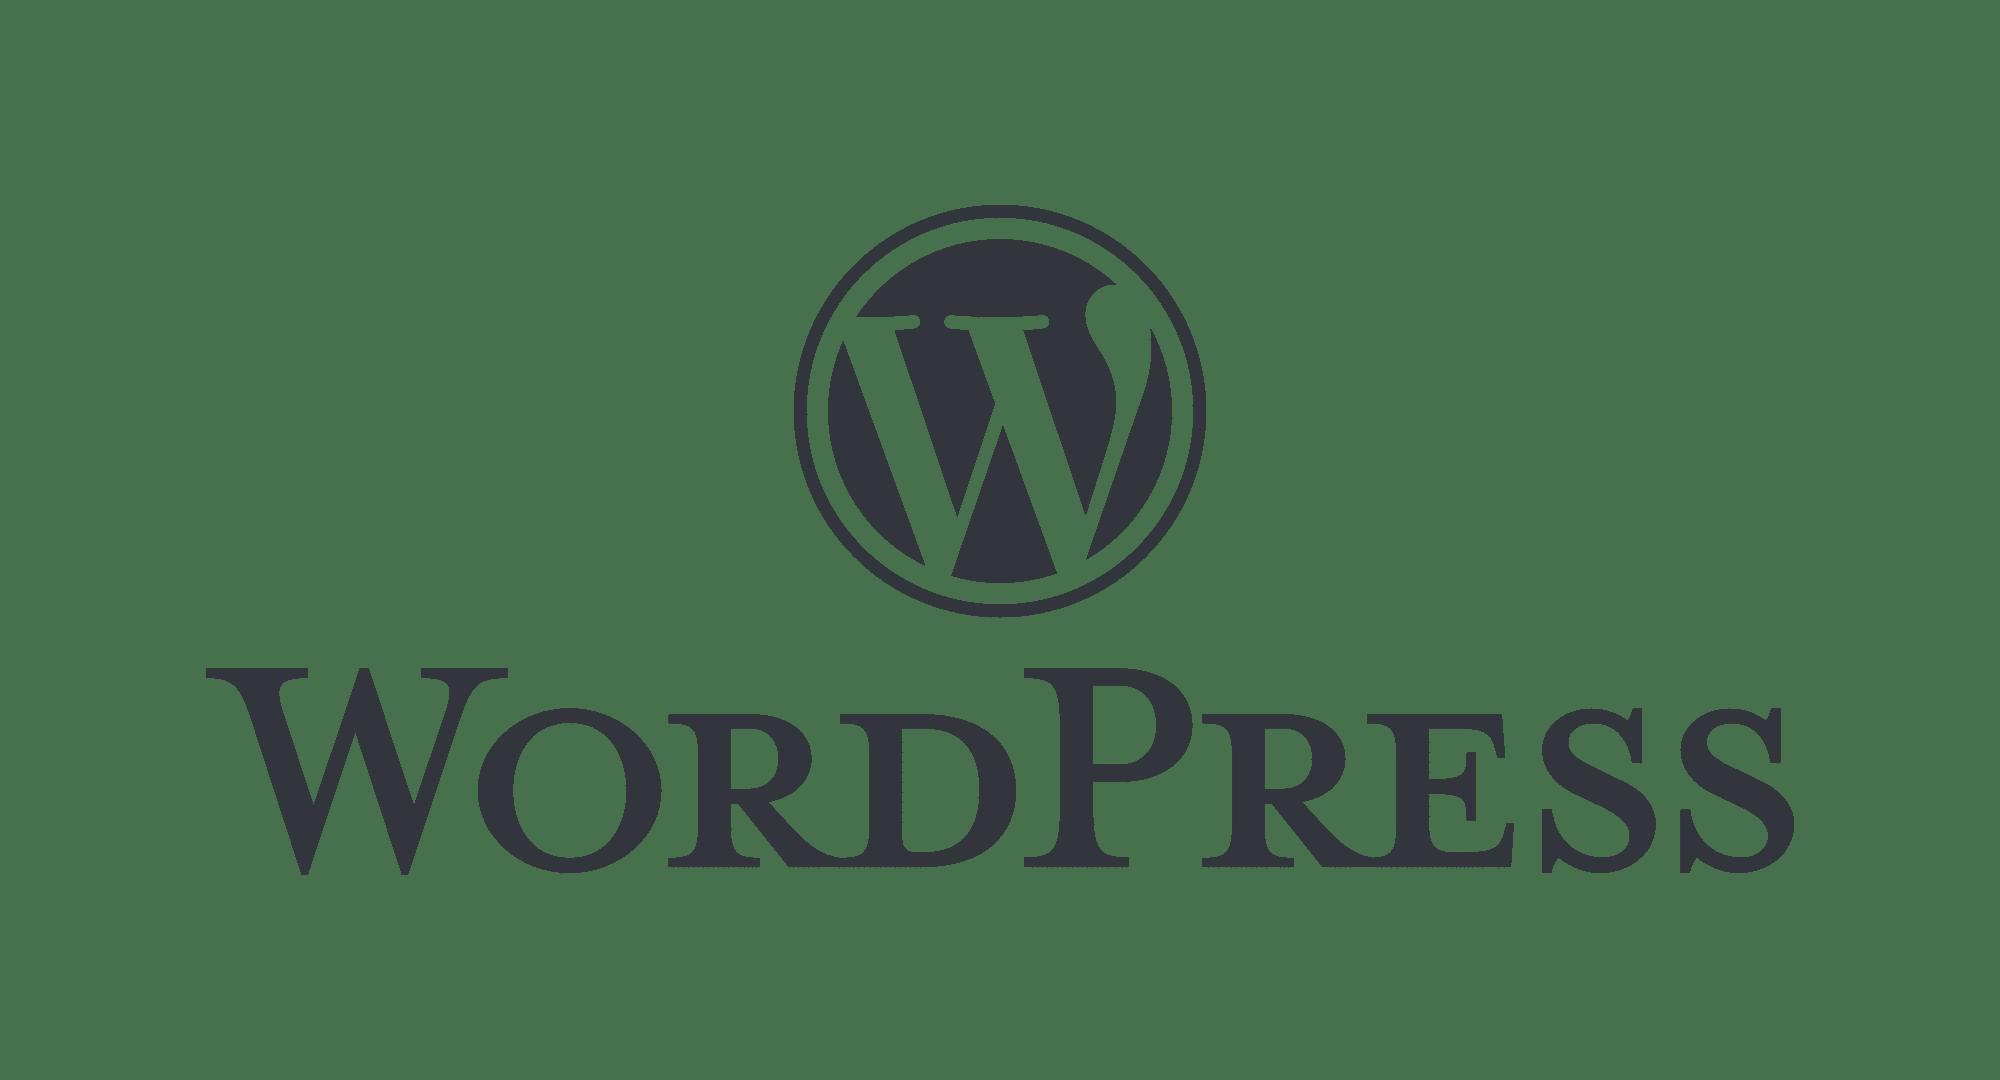 Optimizar WordPress es fácil si sigues estos 3 consejos